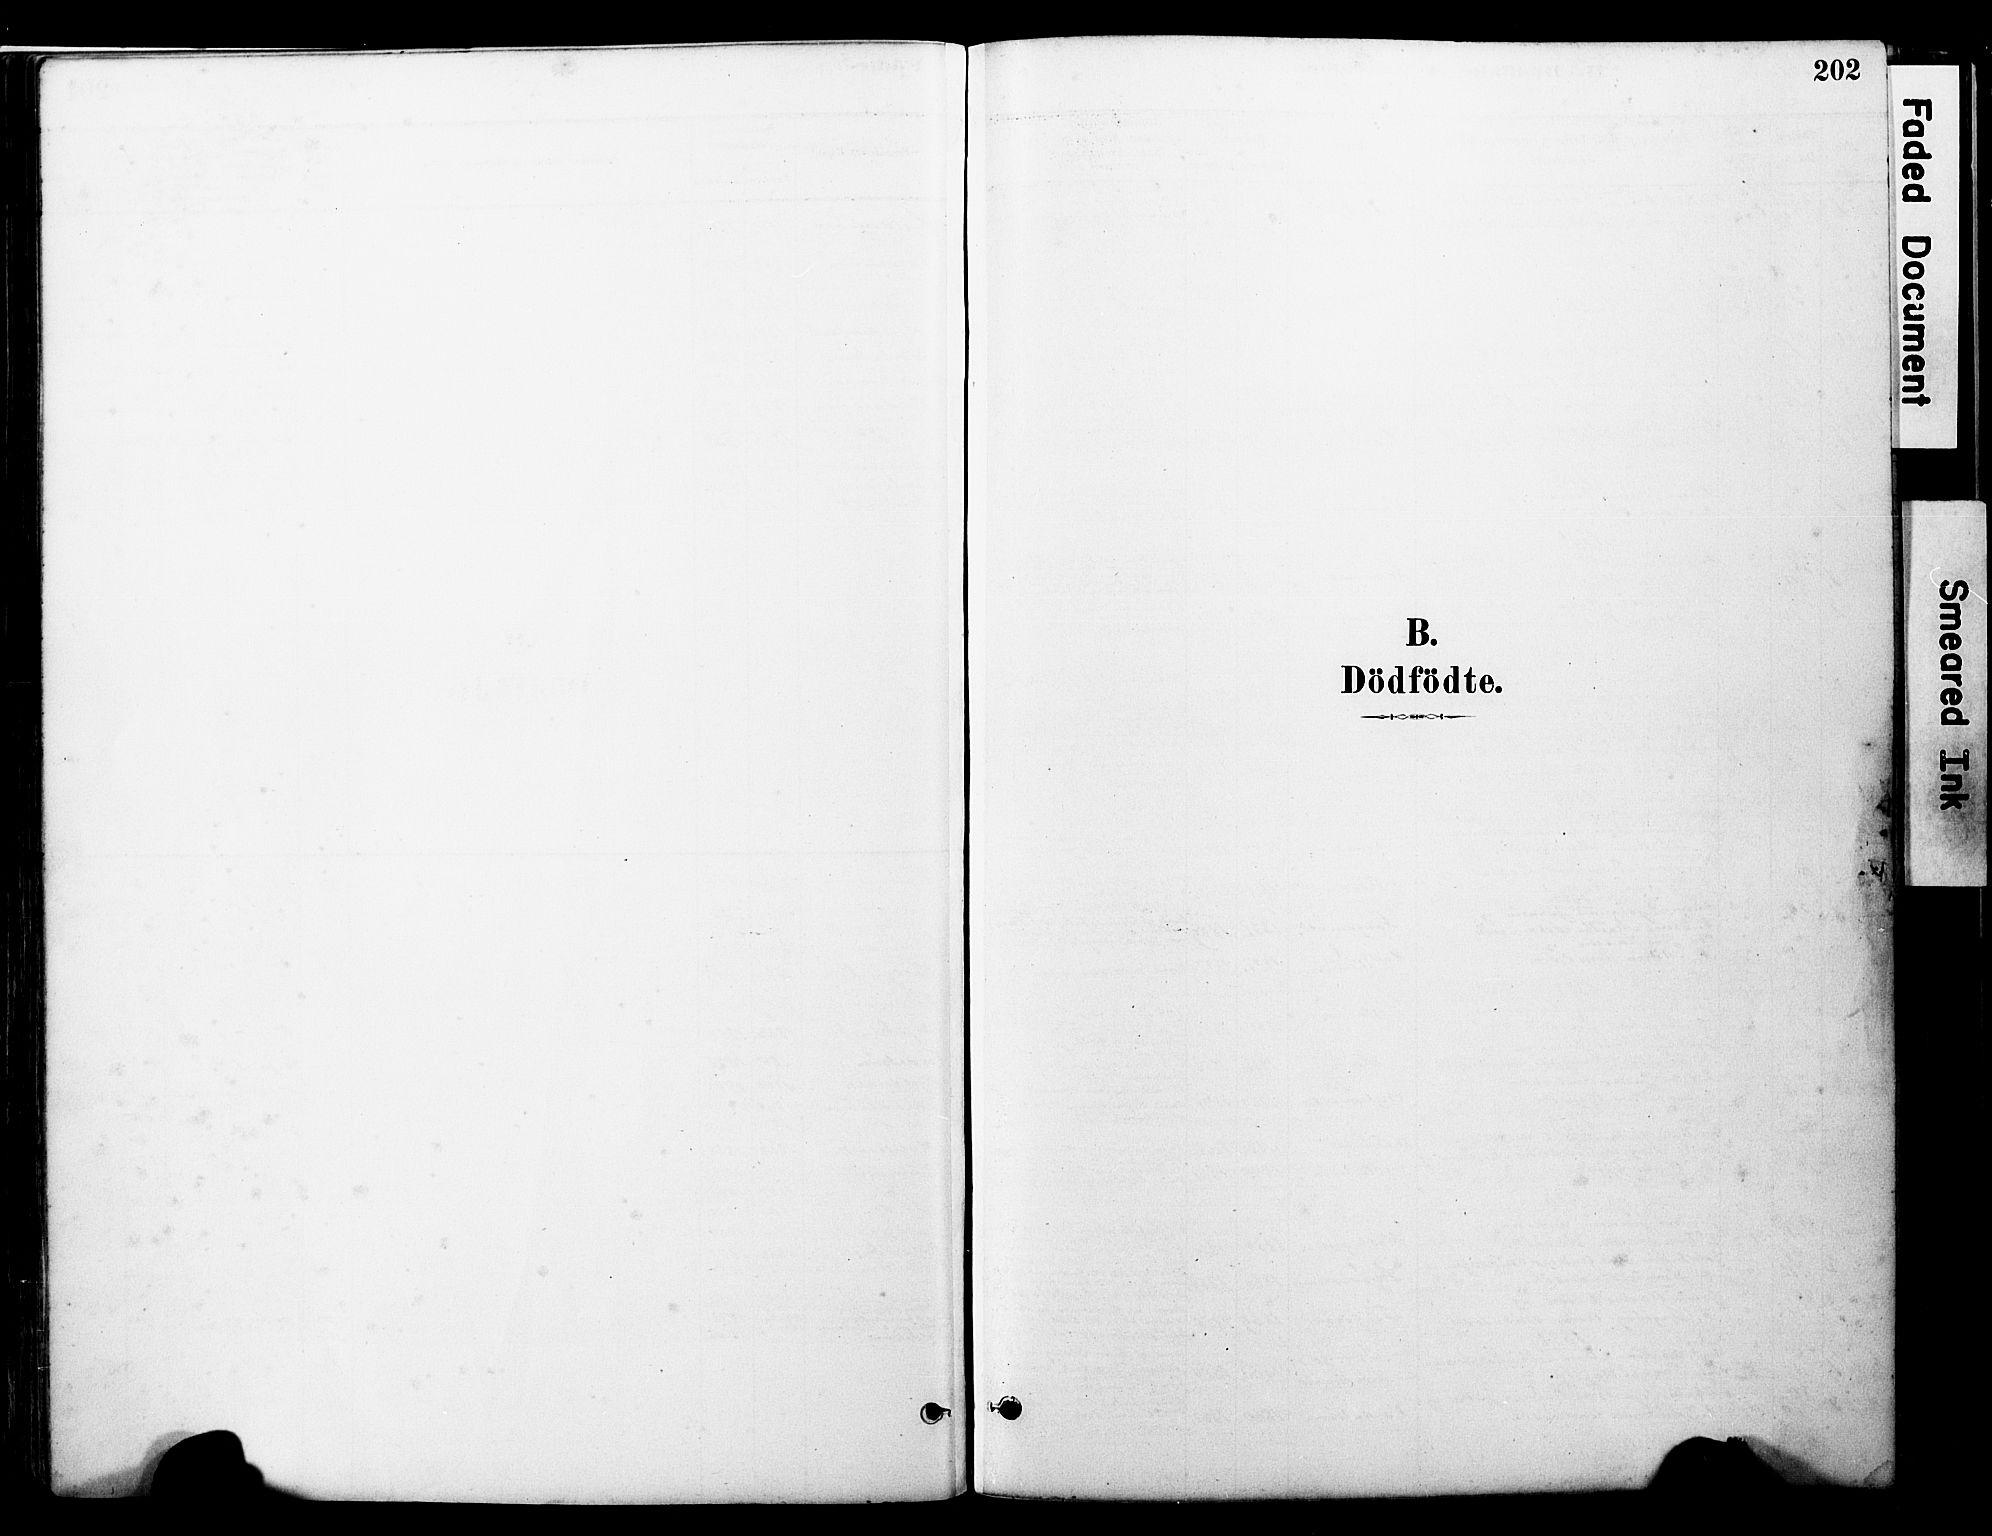 SAT, Ministerialprotokoller, klokkerbøker og fødselsregistre - Nord-Trøndelag, 723/L0244: Ministerialbok nr. 723A13, 1881-1899, s. 202